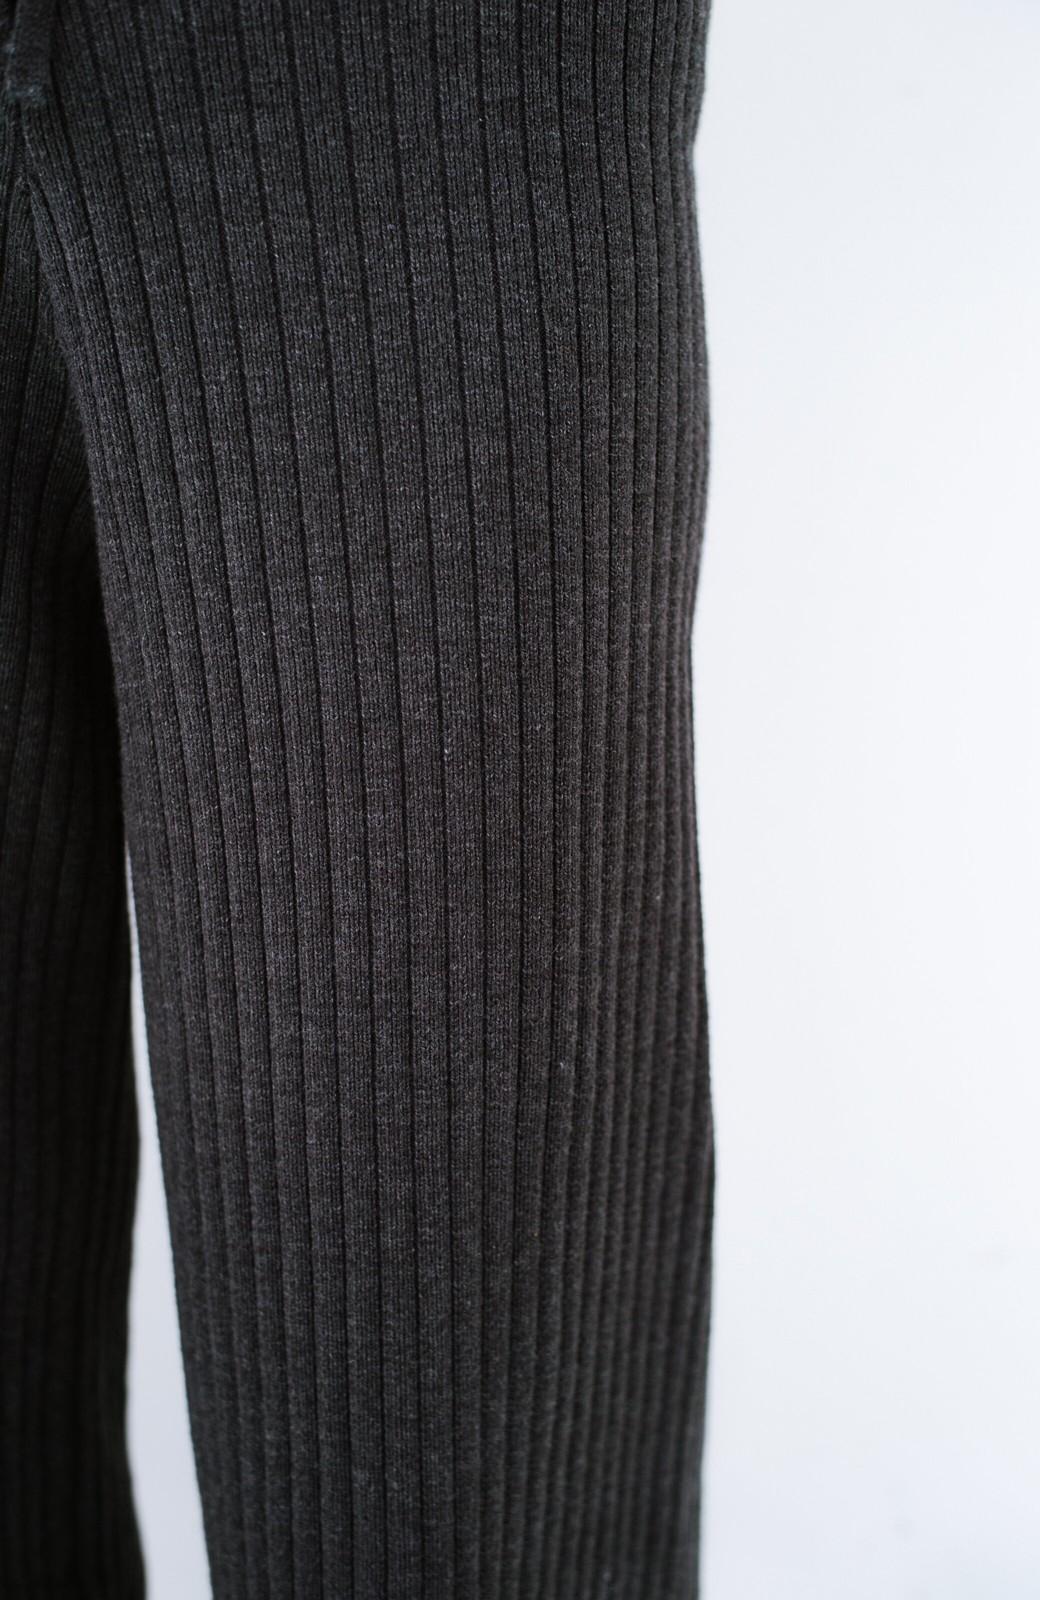 haco! 楽ちんなのにきれいシルエットのオトナニットパンツ by MAKORI <チャコールグレー>の商品写真9